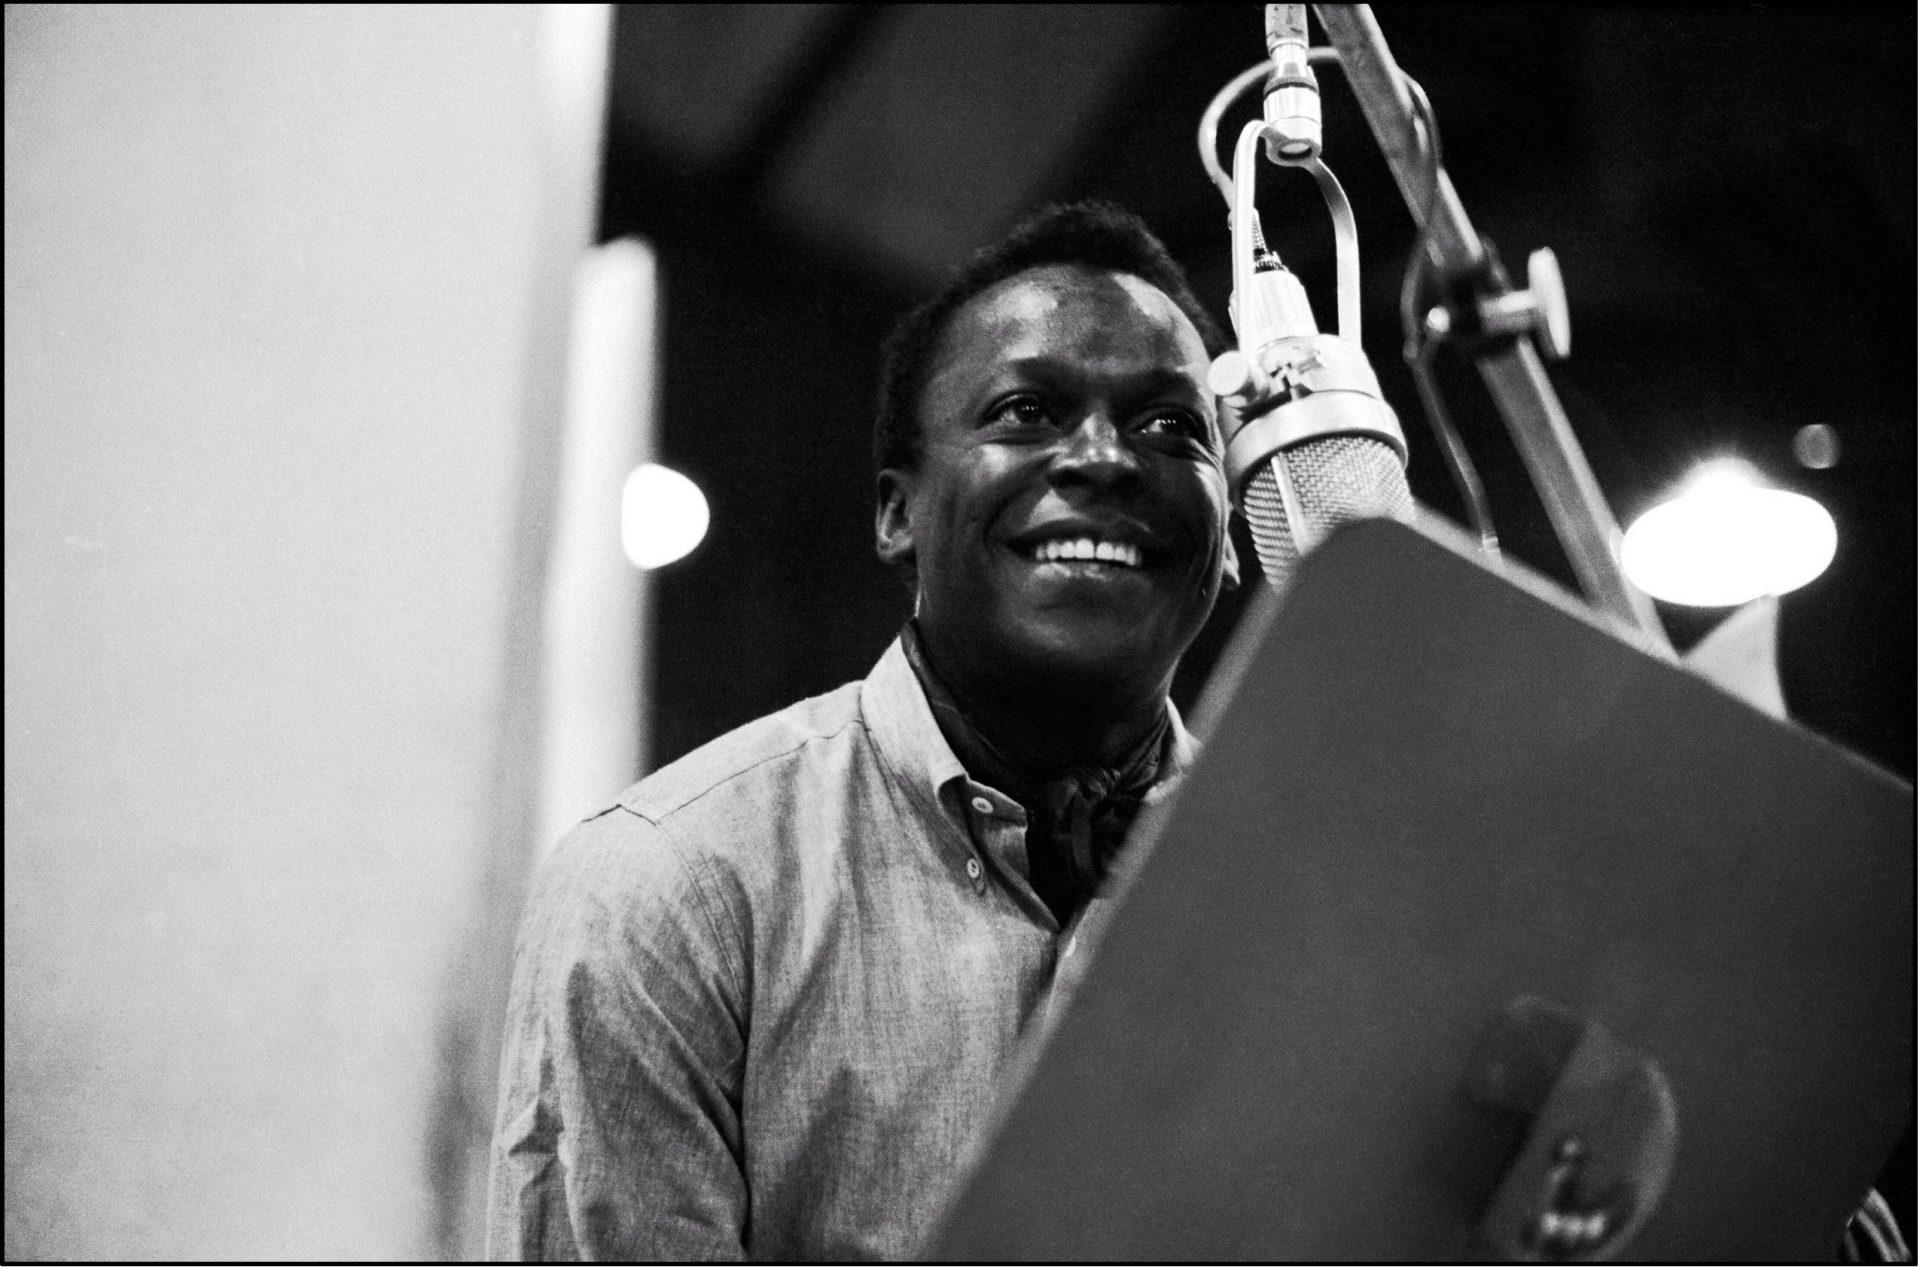 Miles Davis sur les sessions d'enregistrement de Kind of Blue Sessions en 1959. Photo prise par Don Hunstein.